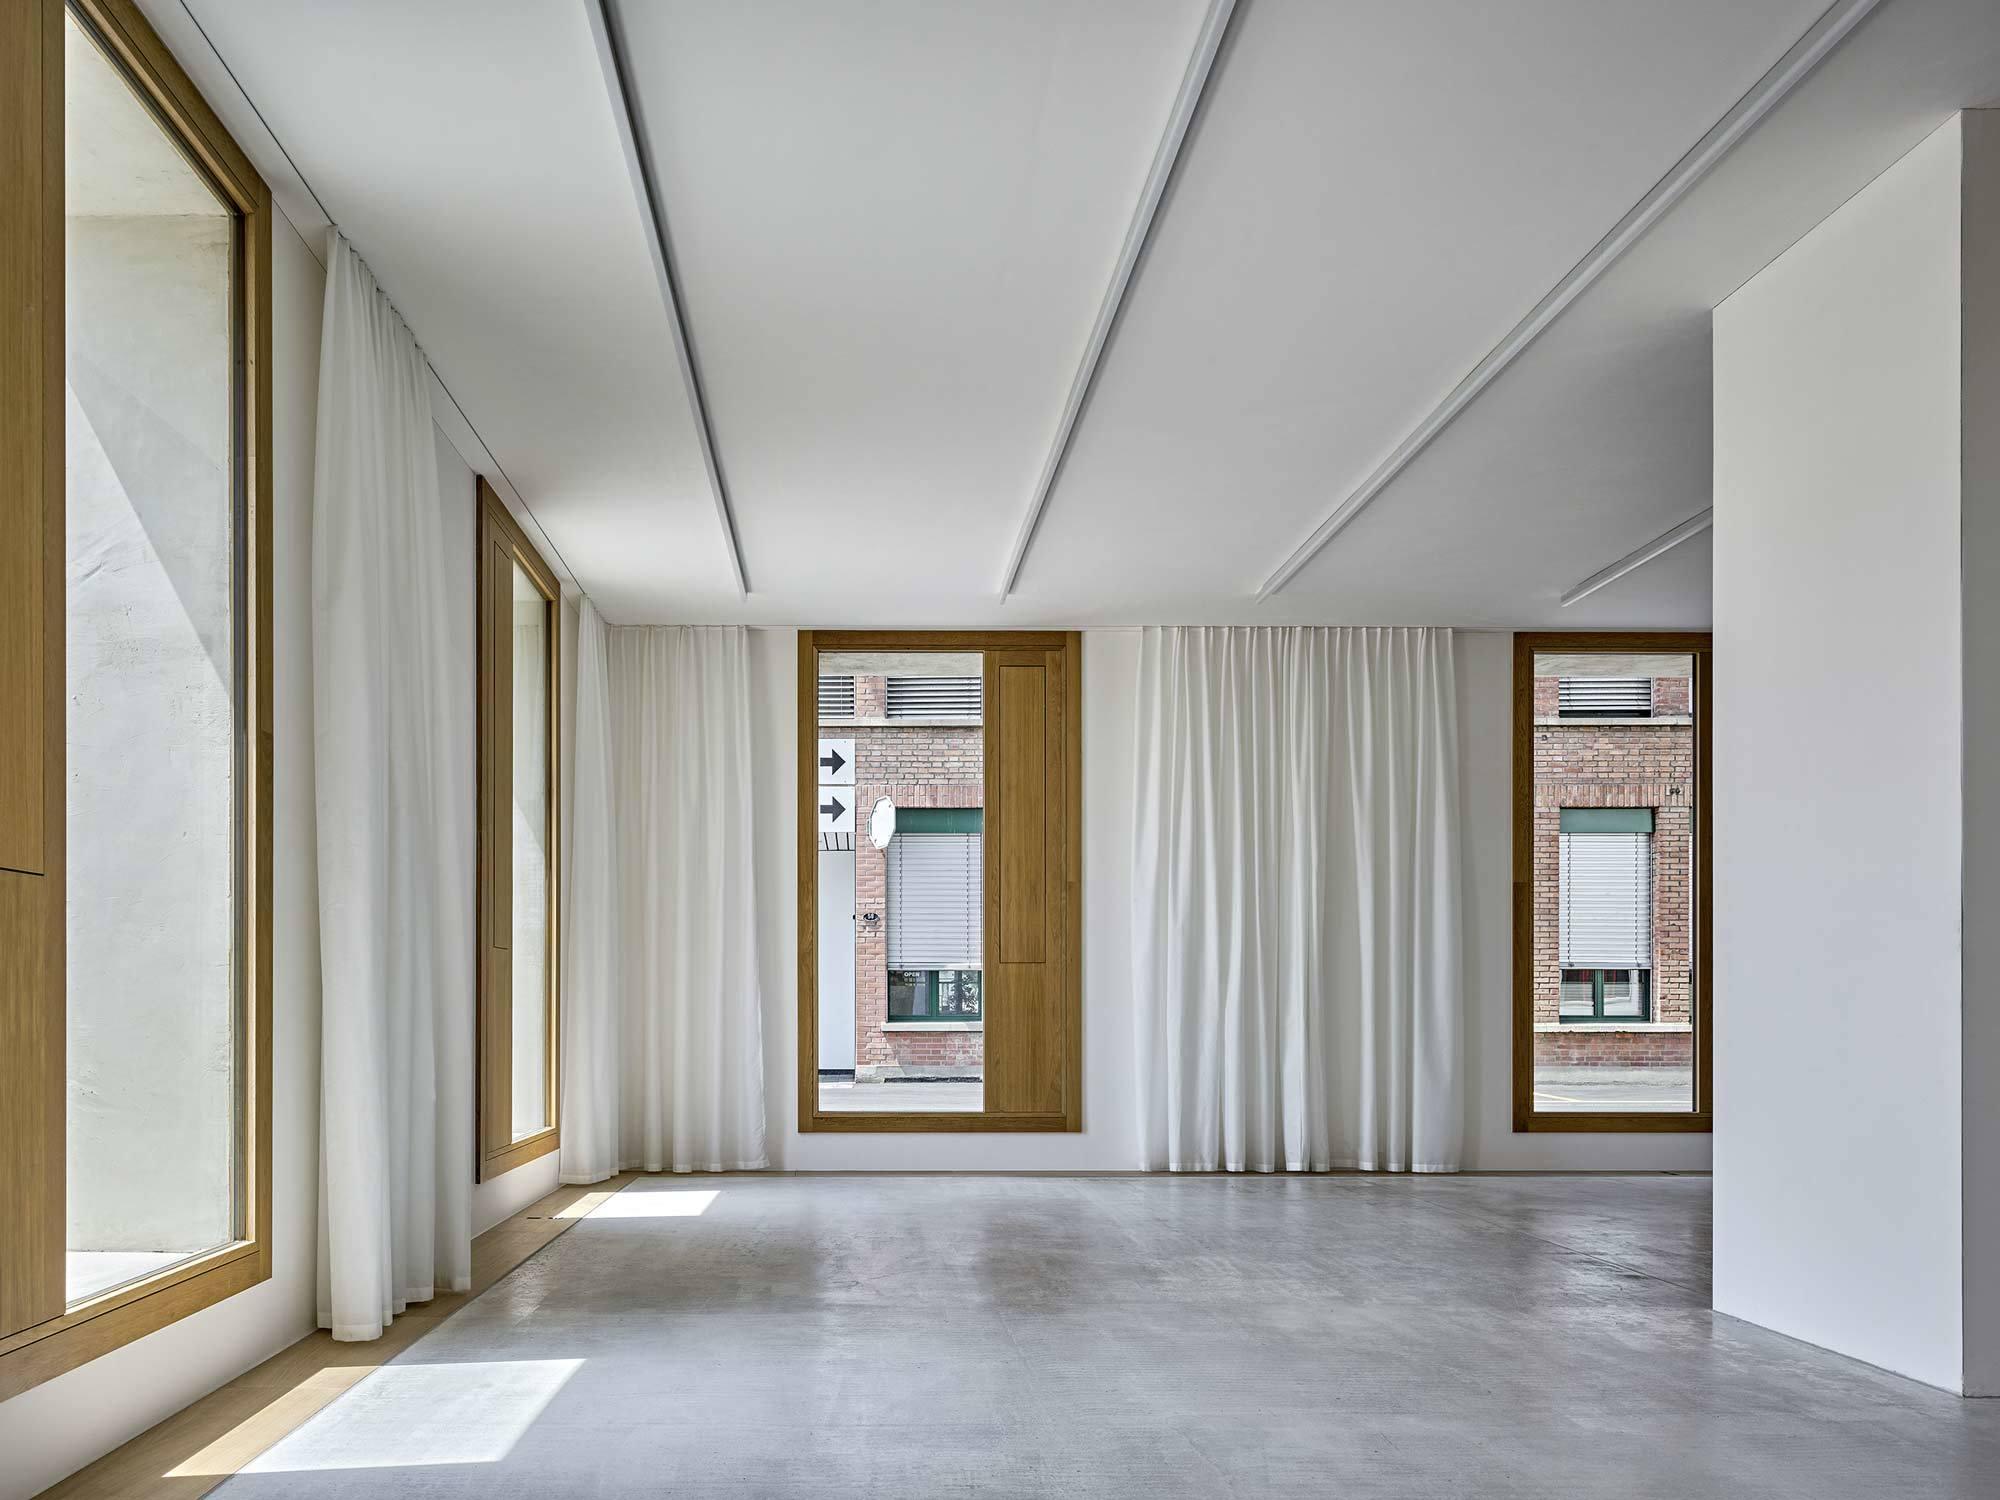 Bürogebäude 2226 Emmenweid, Schweiz, Baumschlager Eberle Architekten, 2019, Foto: Roger Frei